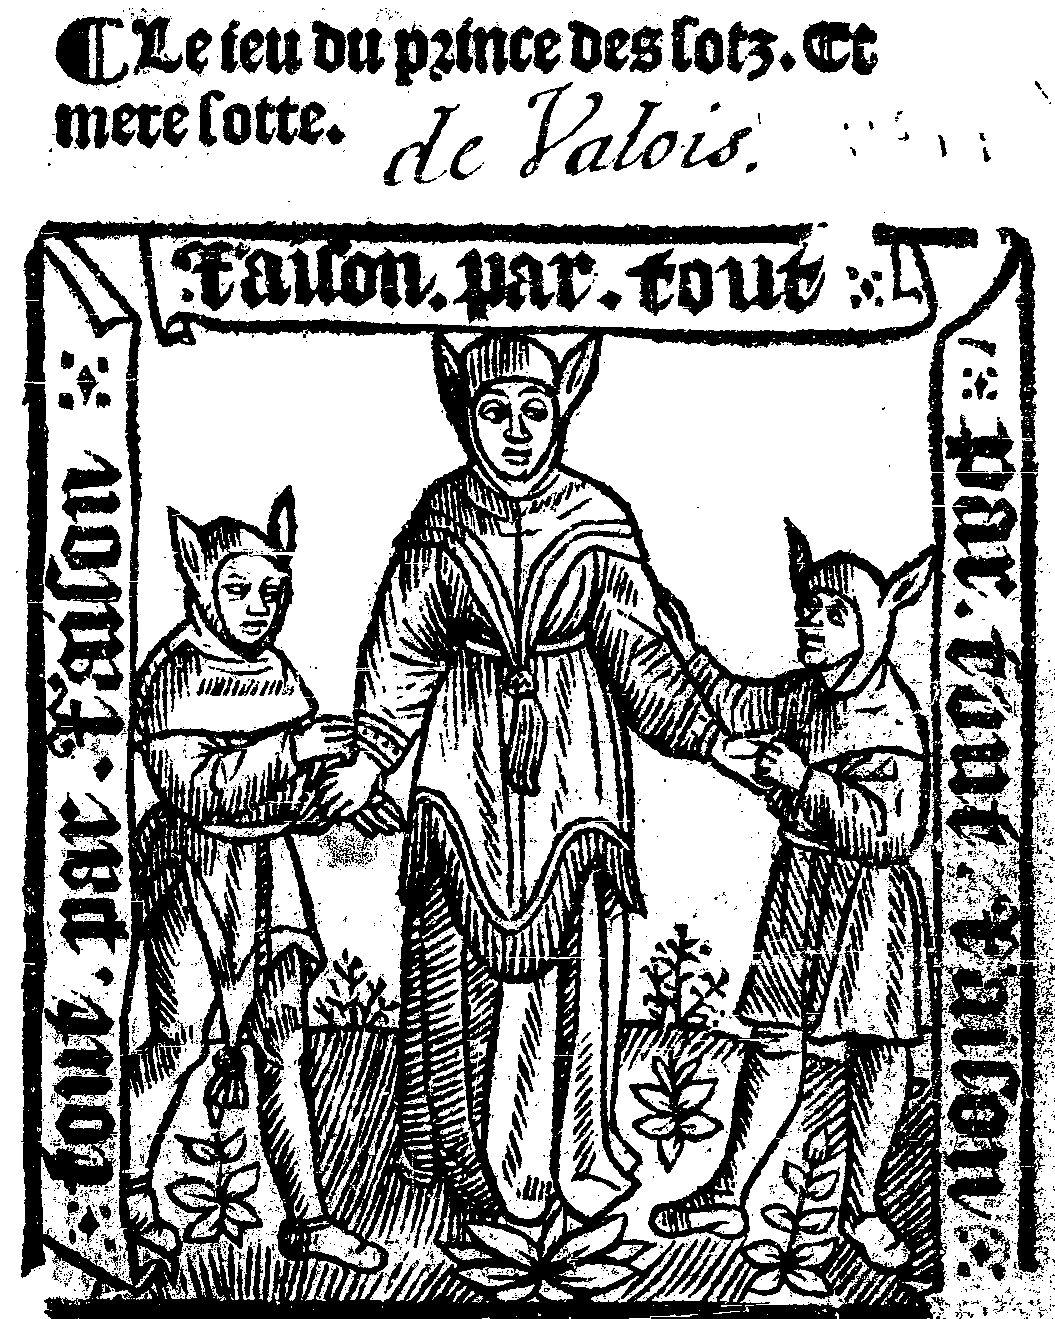 Le jeu du prince des sotz et mère Sotte , joué aux halles de Paris, le mardy gras, l'an mil cinq cens et unze